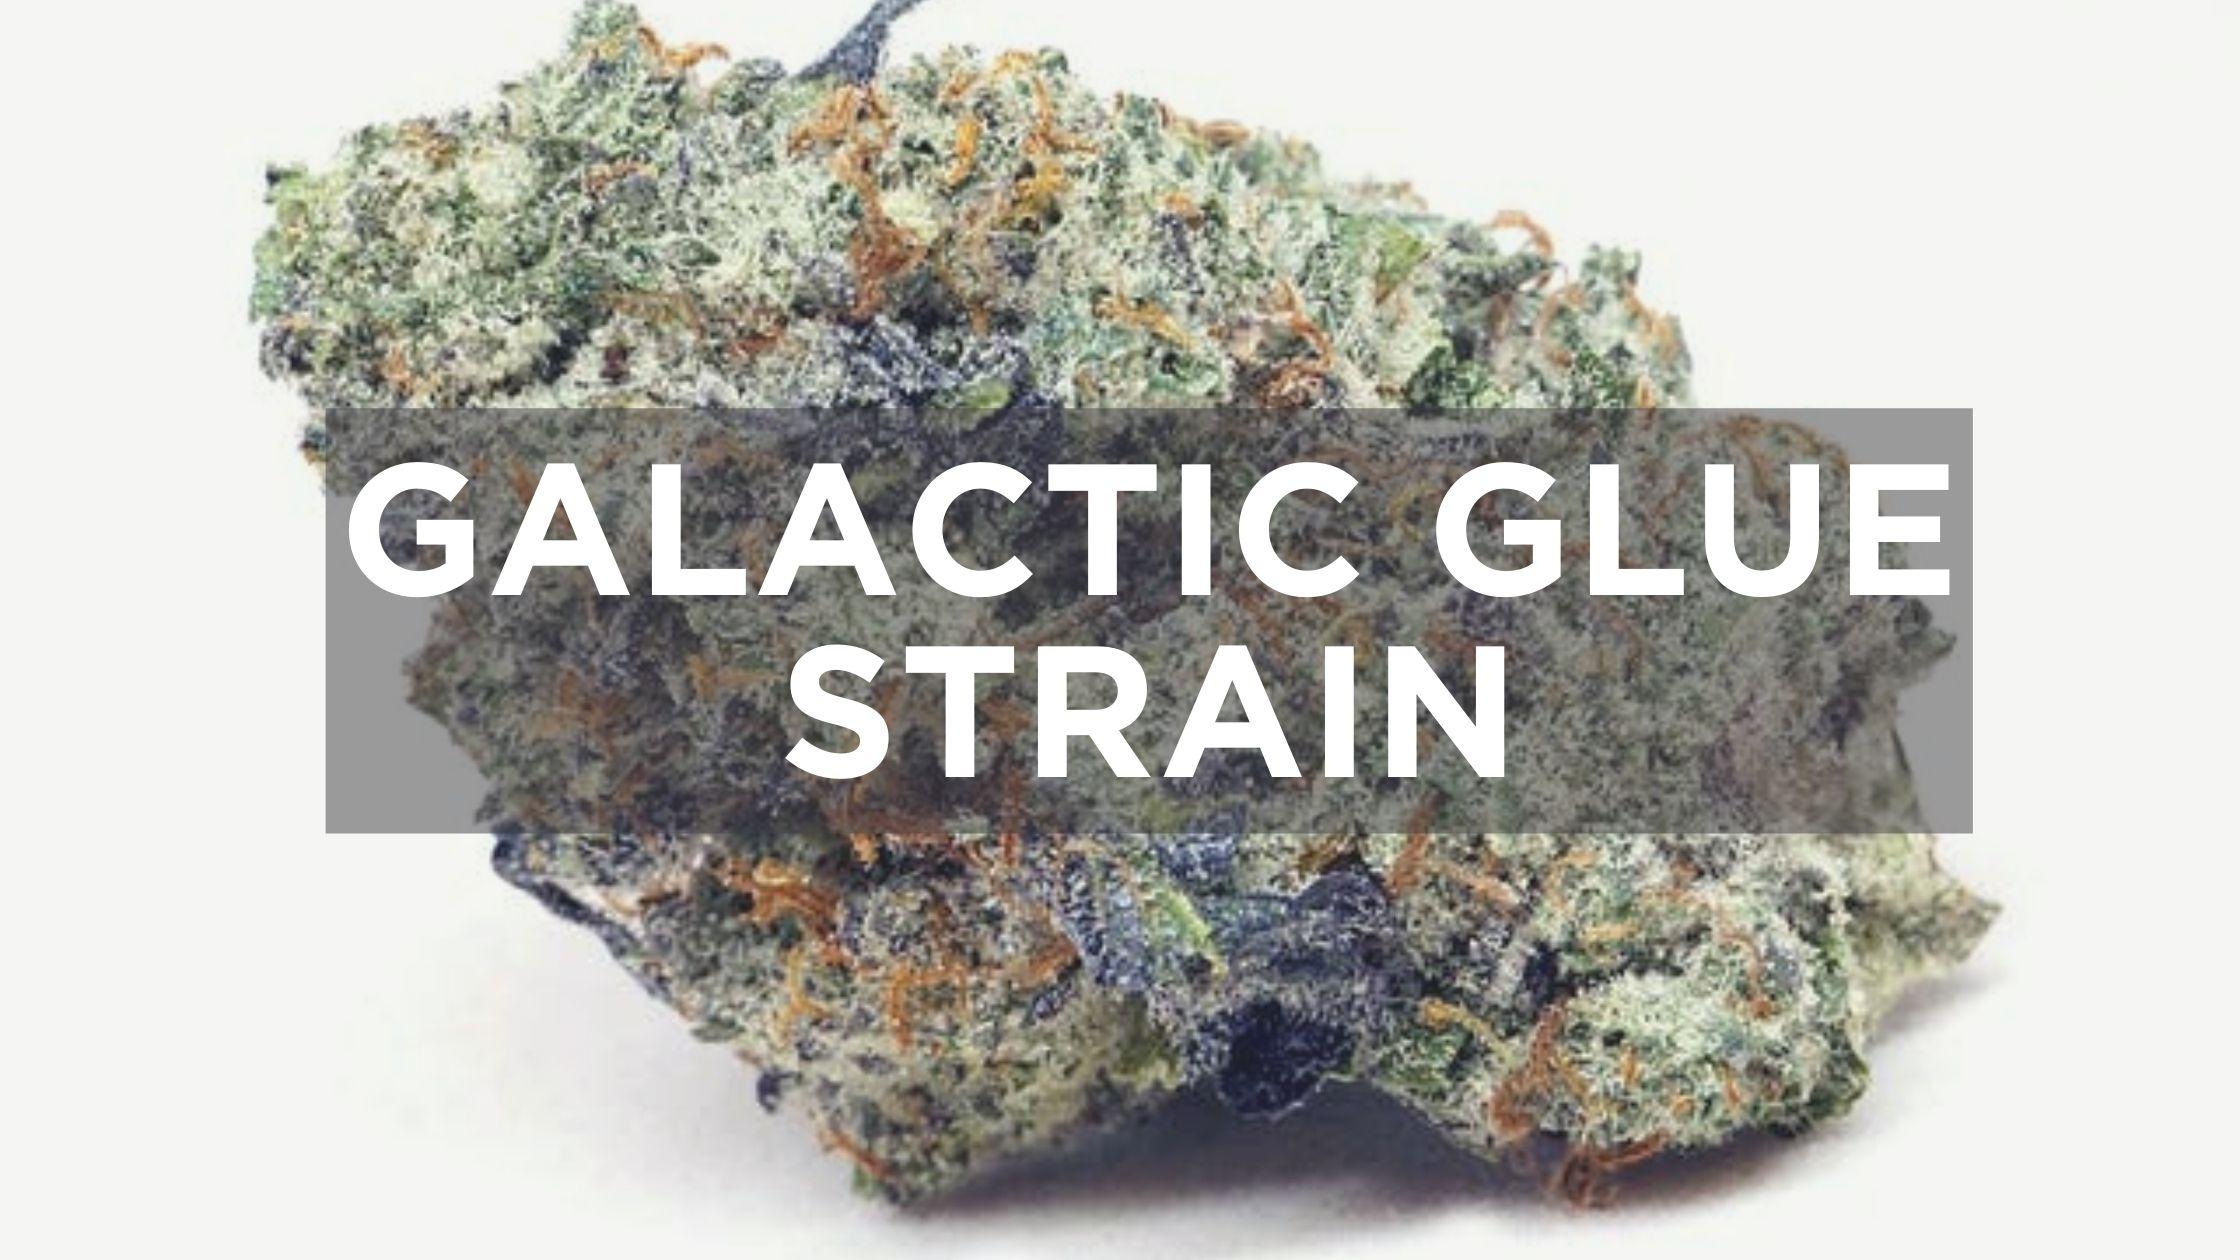 galactic glue strain